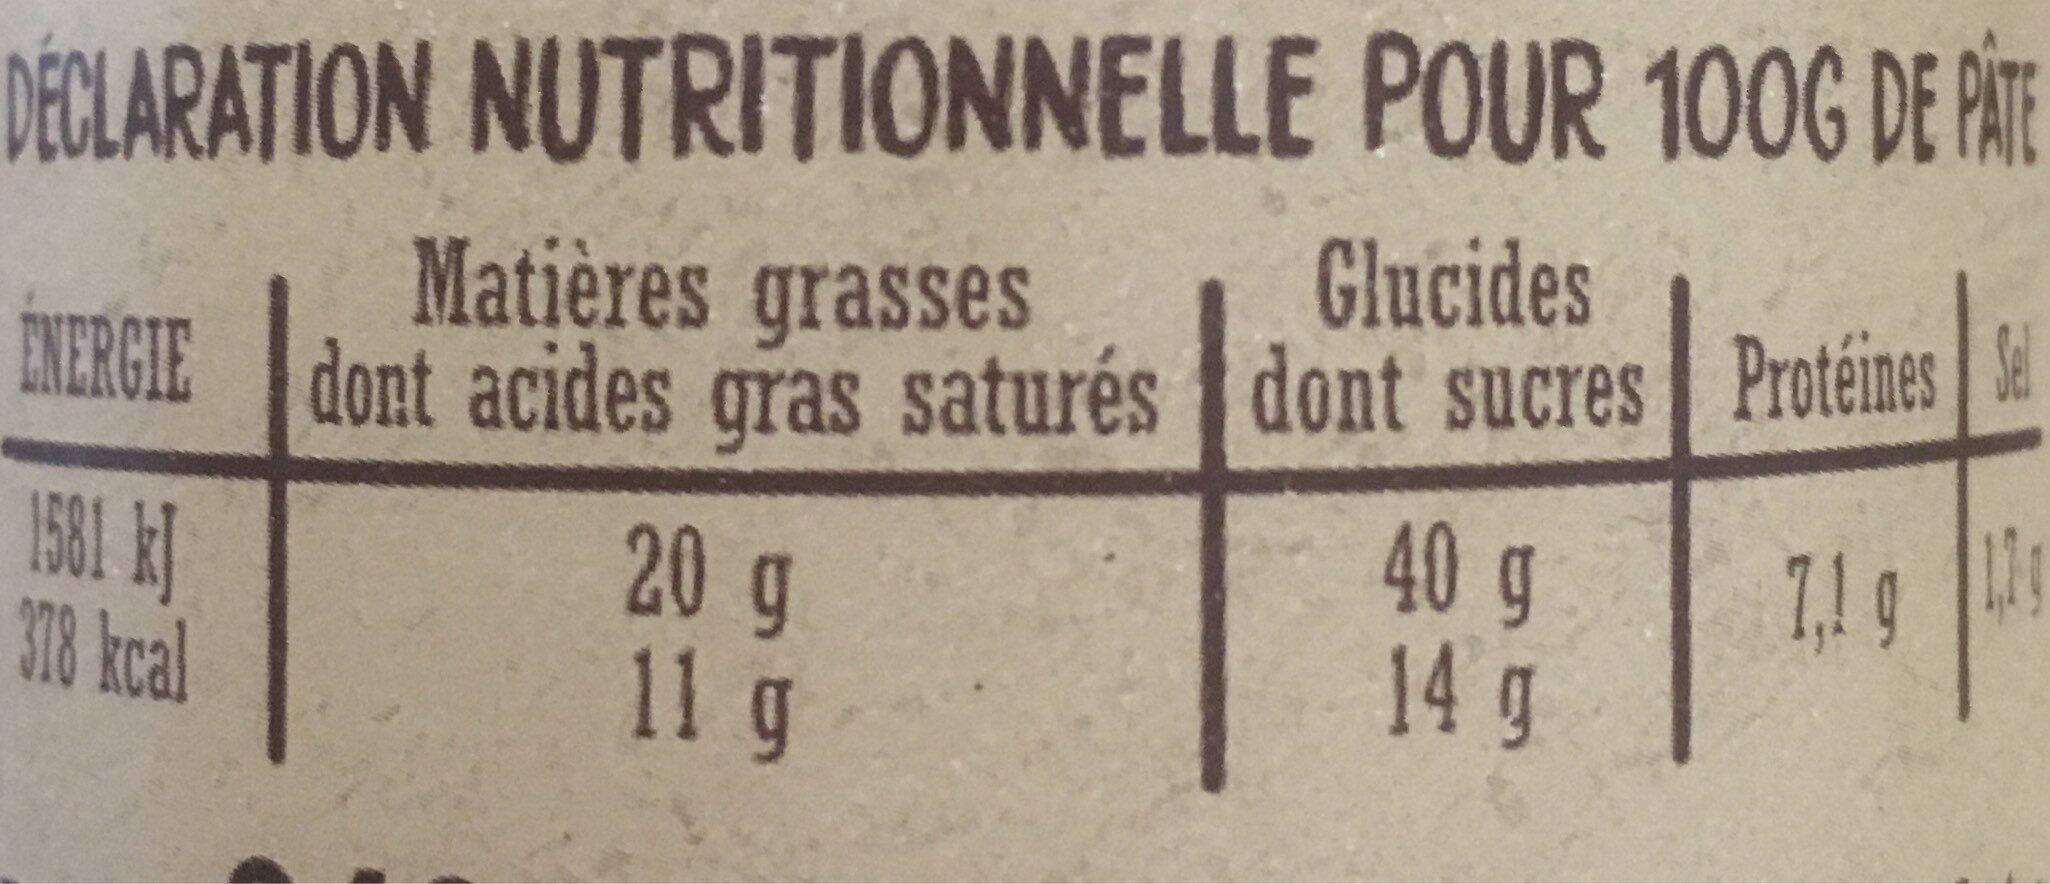 8 pains au choco - Informations nutritionnelles - fr